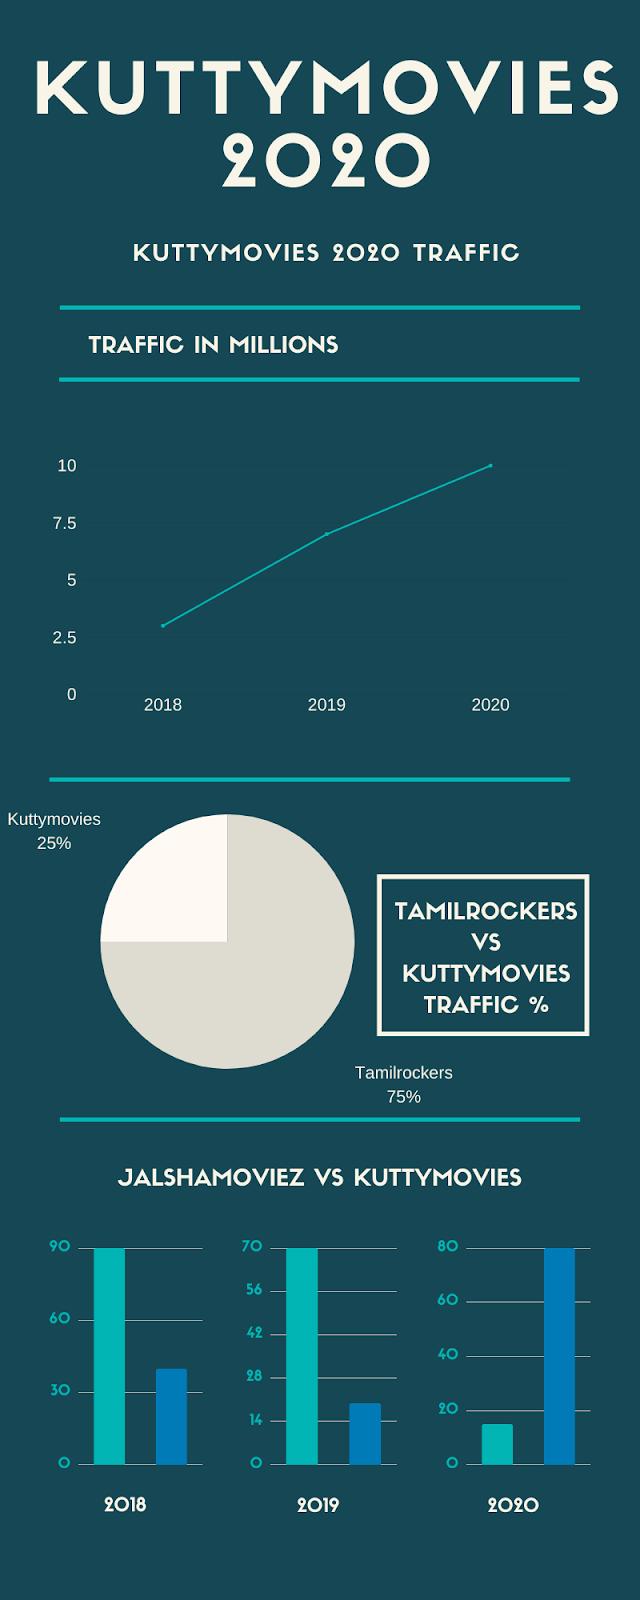 kuttymovies 2020